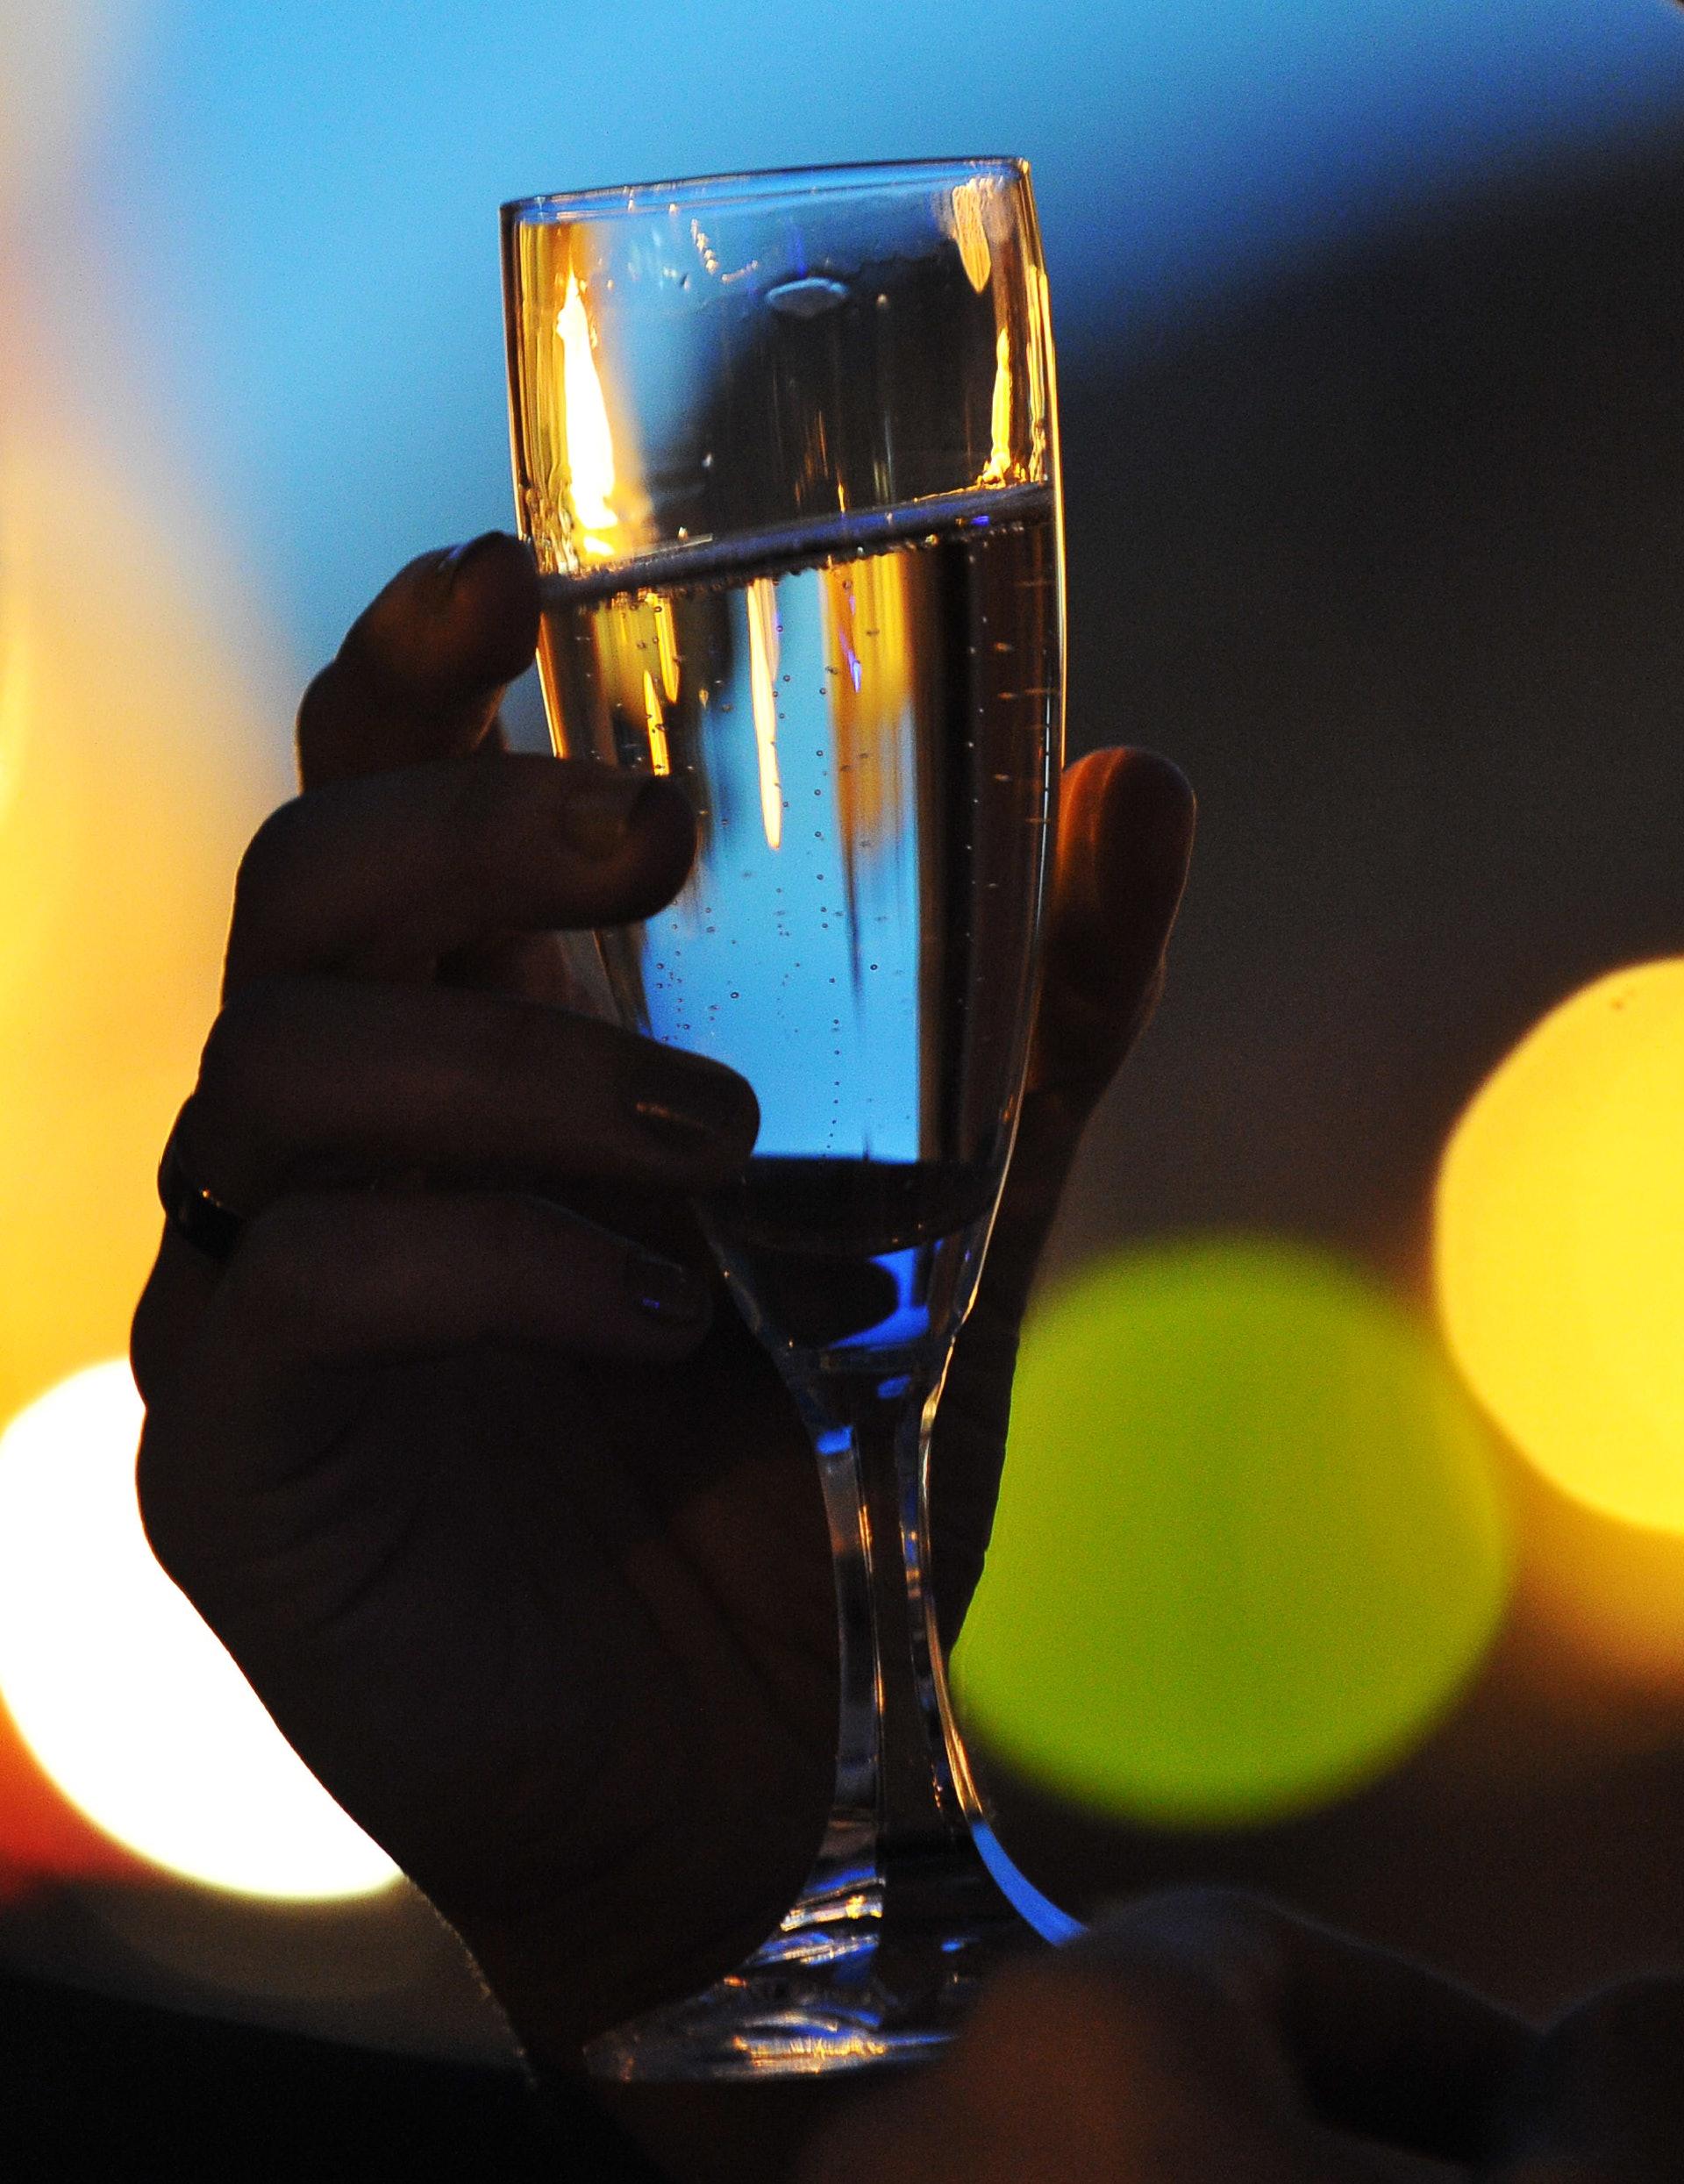 氣泡非香檳專利 4大絕技一樣可令葡萄酒「生氣」(Getty Images)